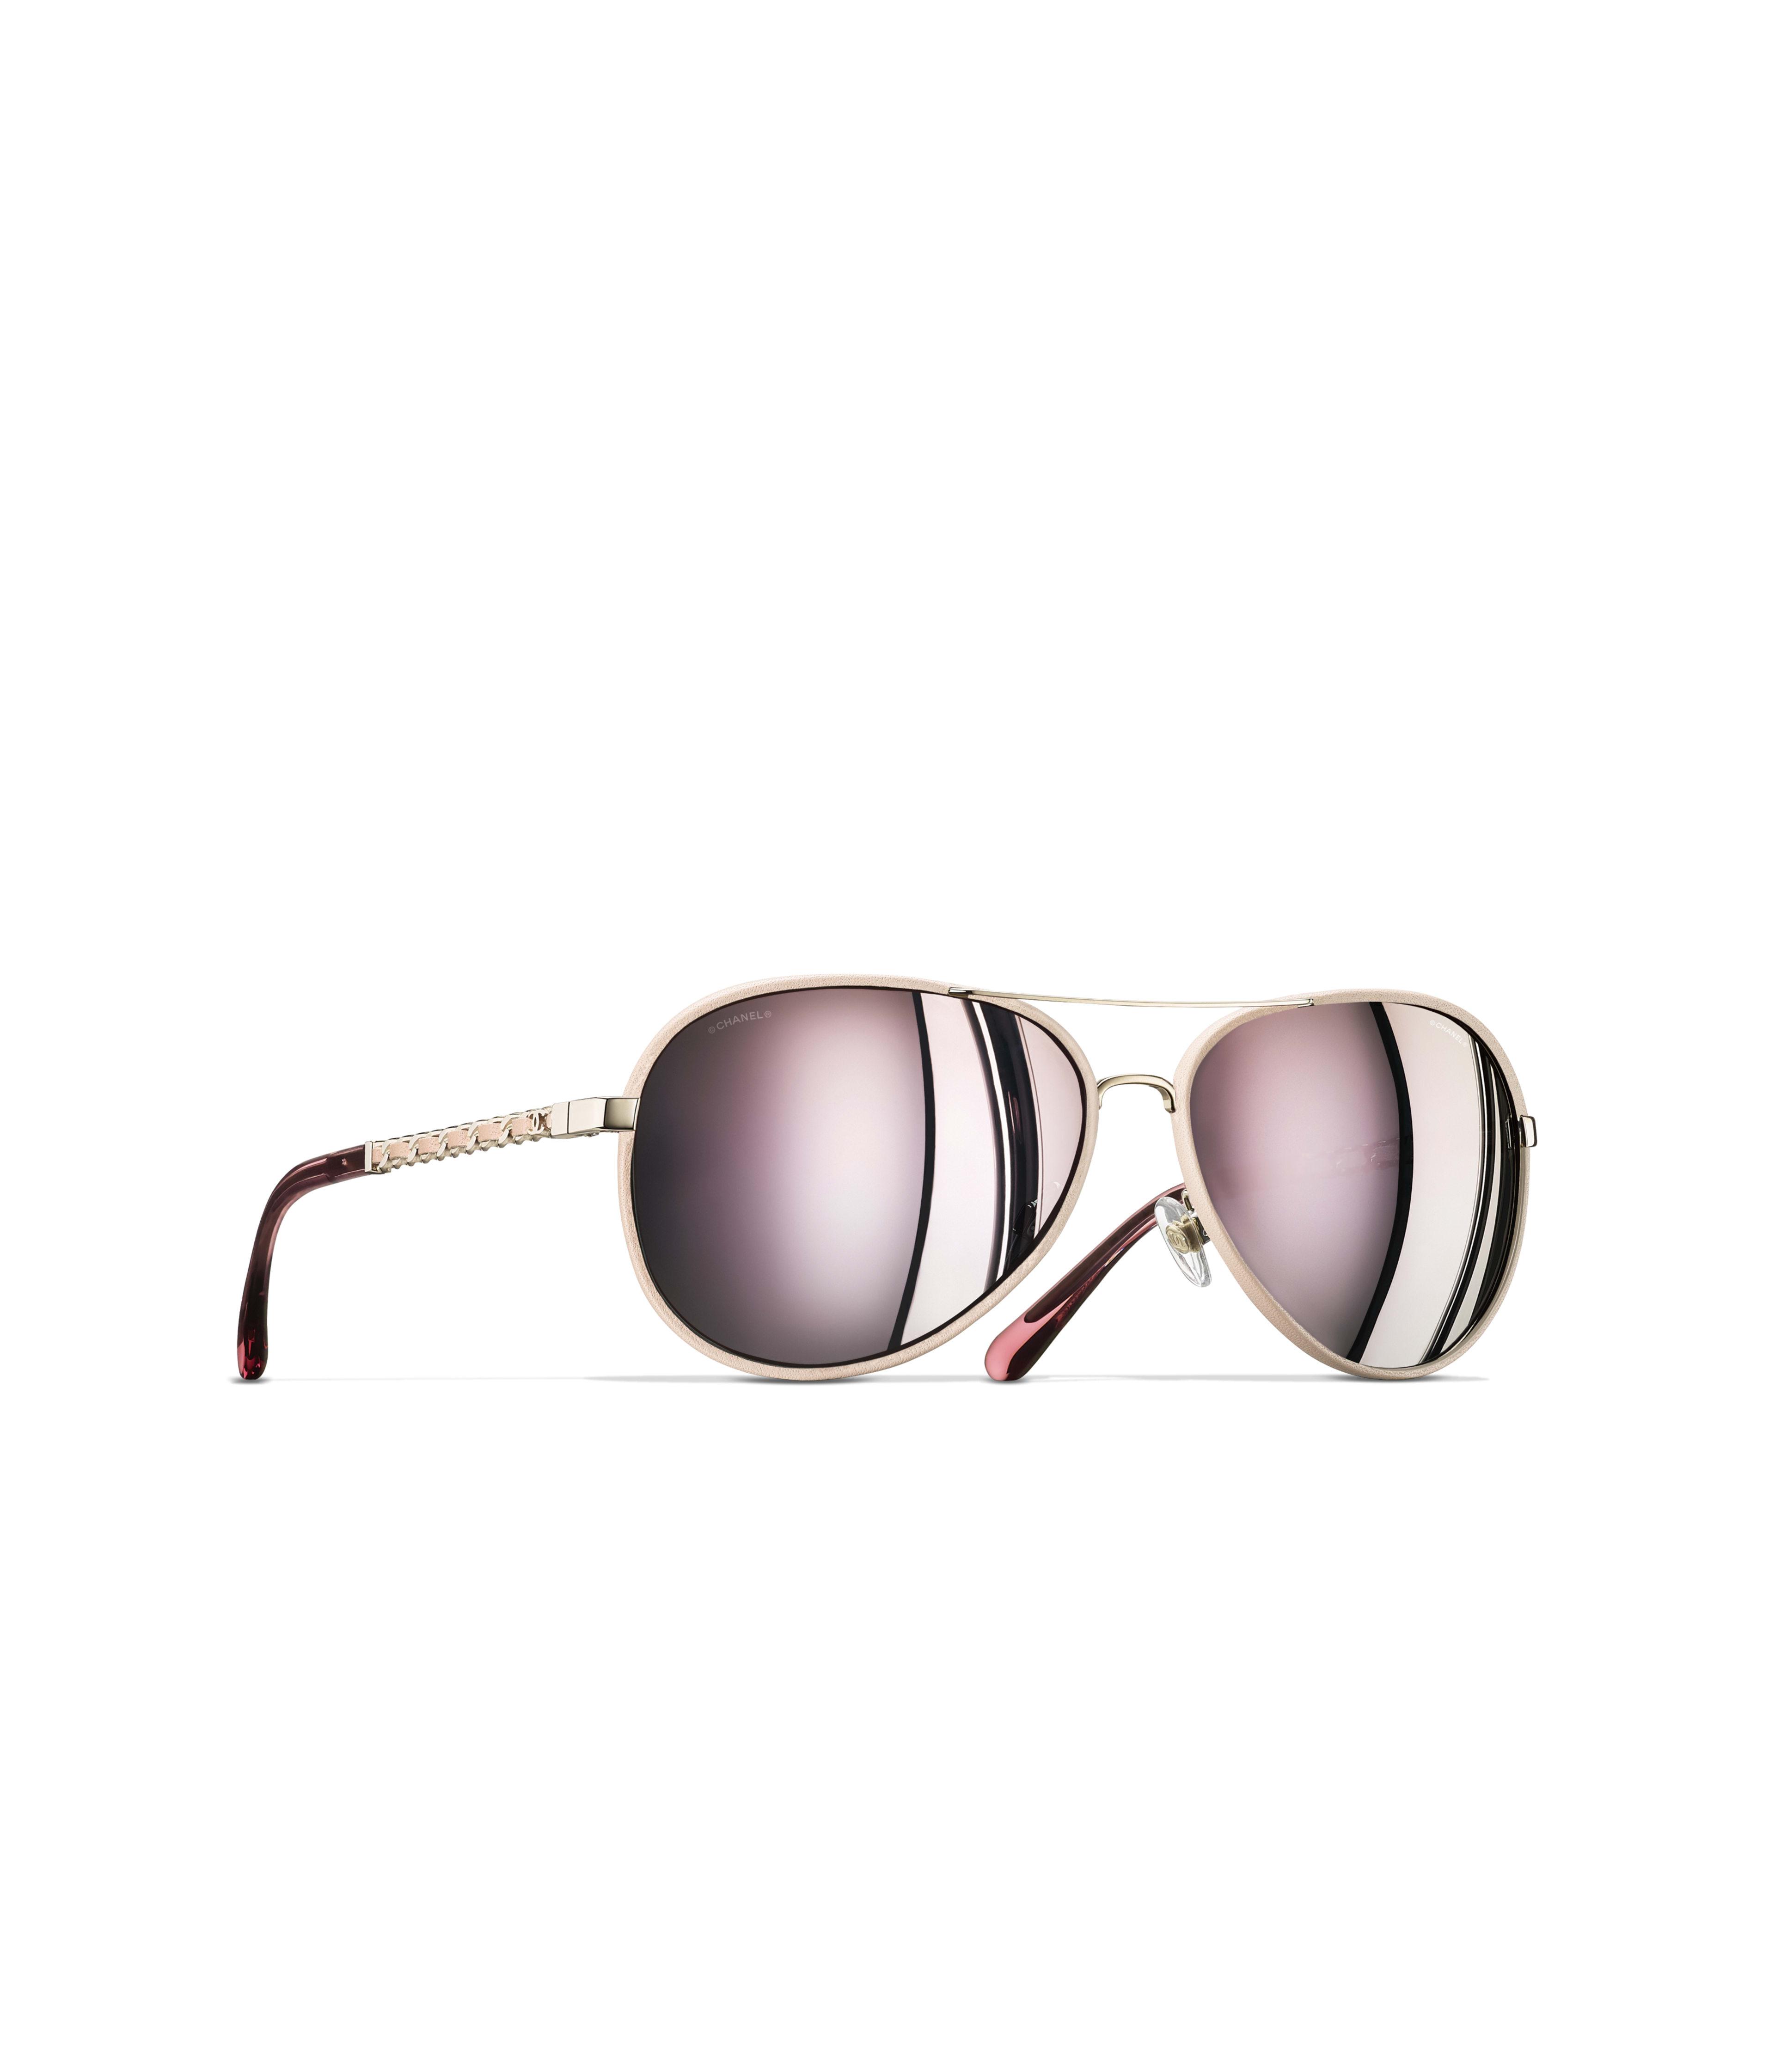 3b32678cda89 Pilot Sunglasses Ref. 4219Q C3955R, A71187 X01982 L9559